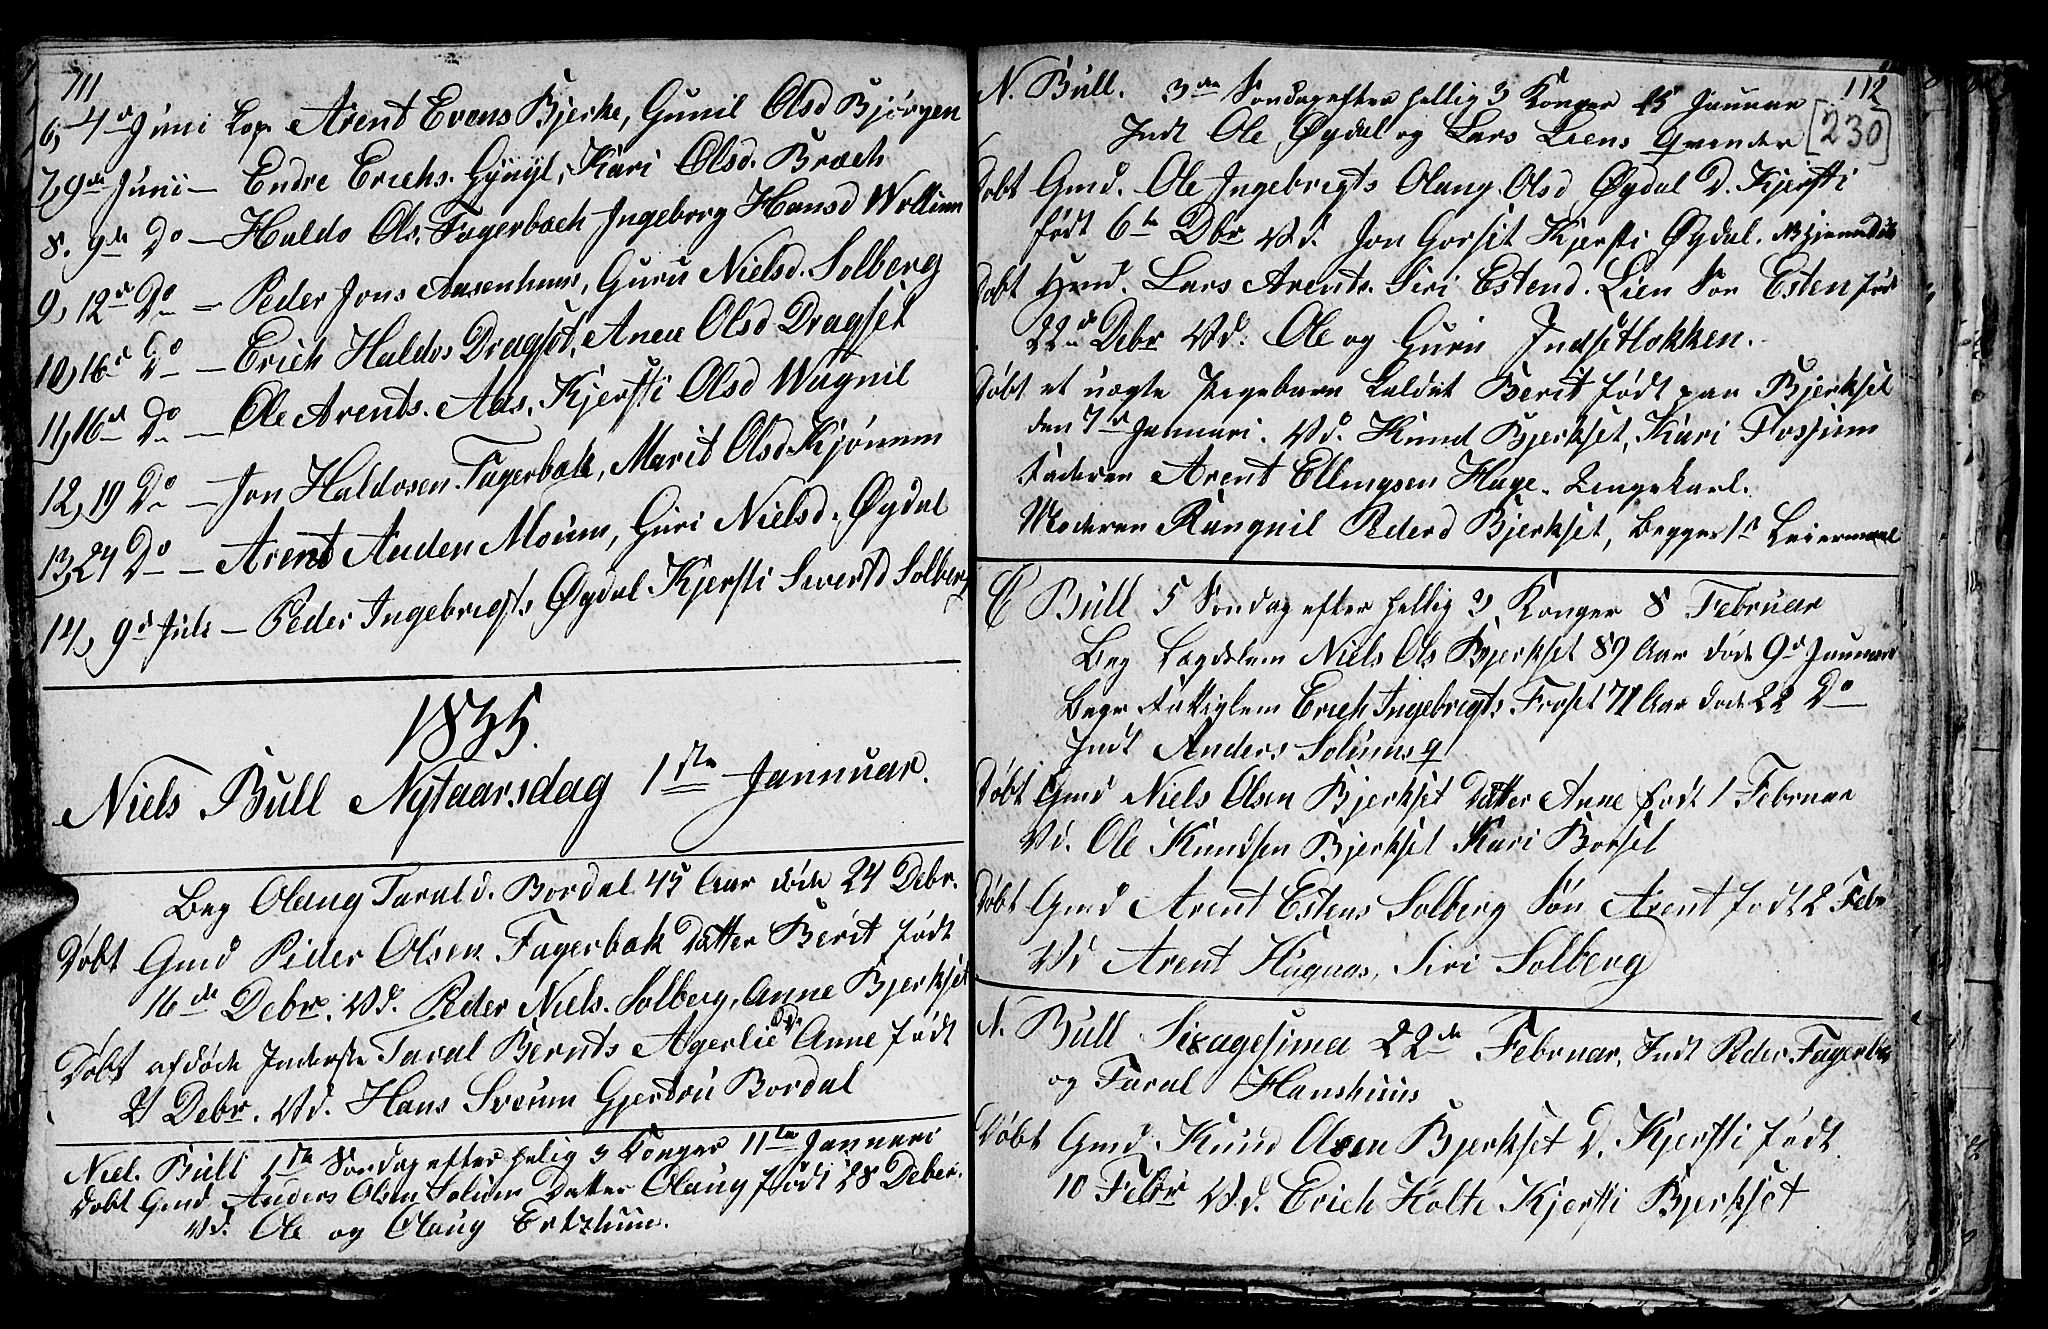 SAT, Ministerialprotokoller, klokkerbøker og fødselsregistre - Sør-Trøndelag, 689/L1042: Klokkerbok nr. 689C01, 1812-1841, s. 229-230